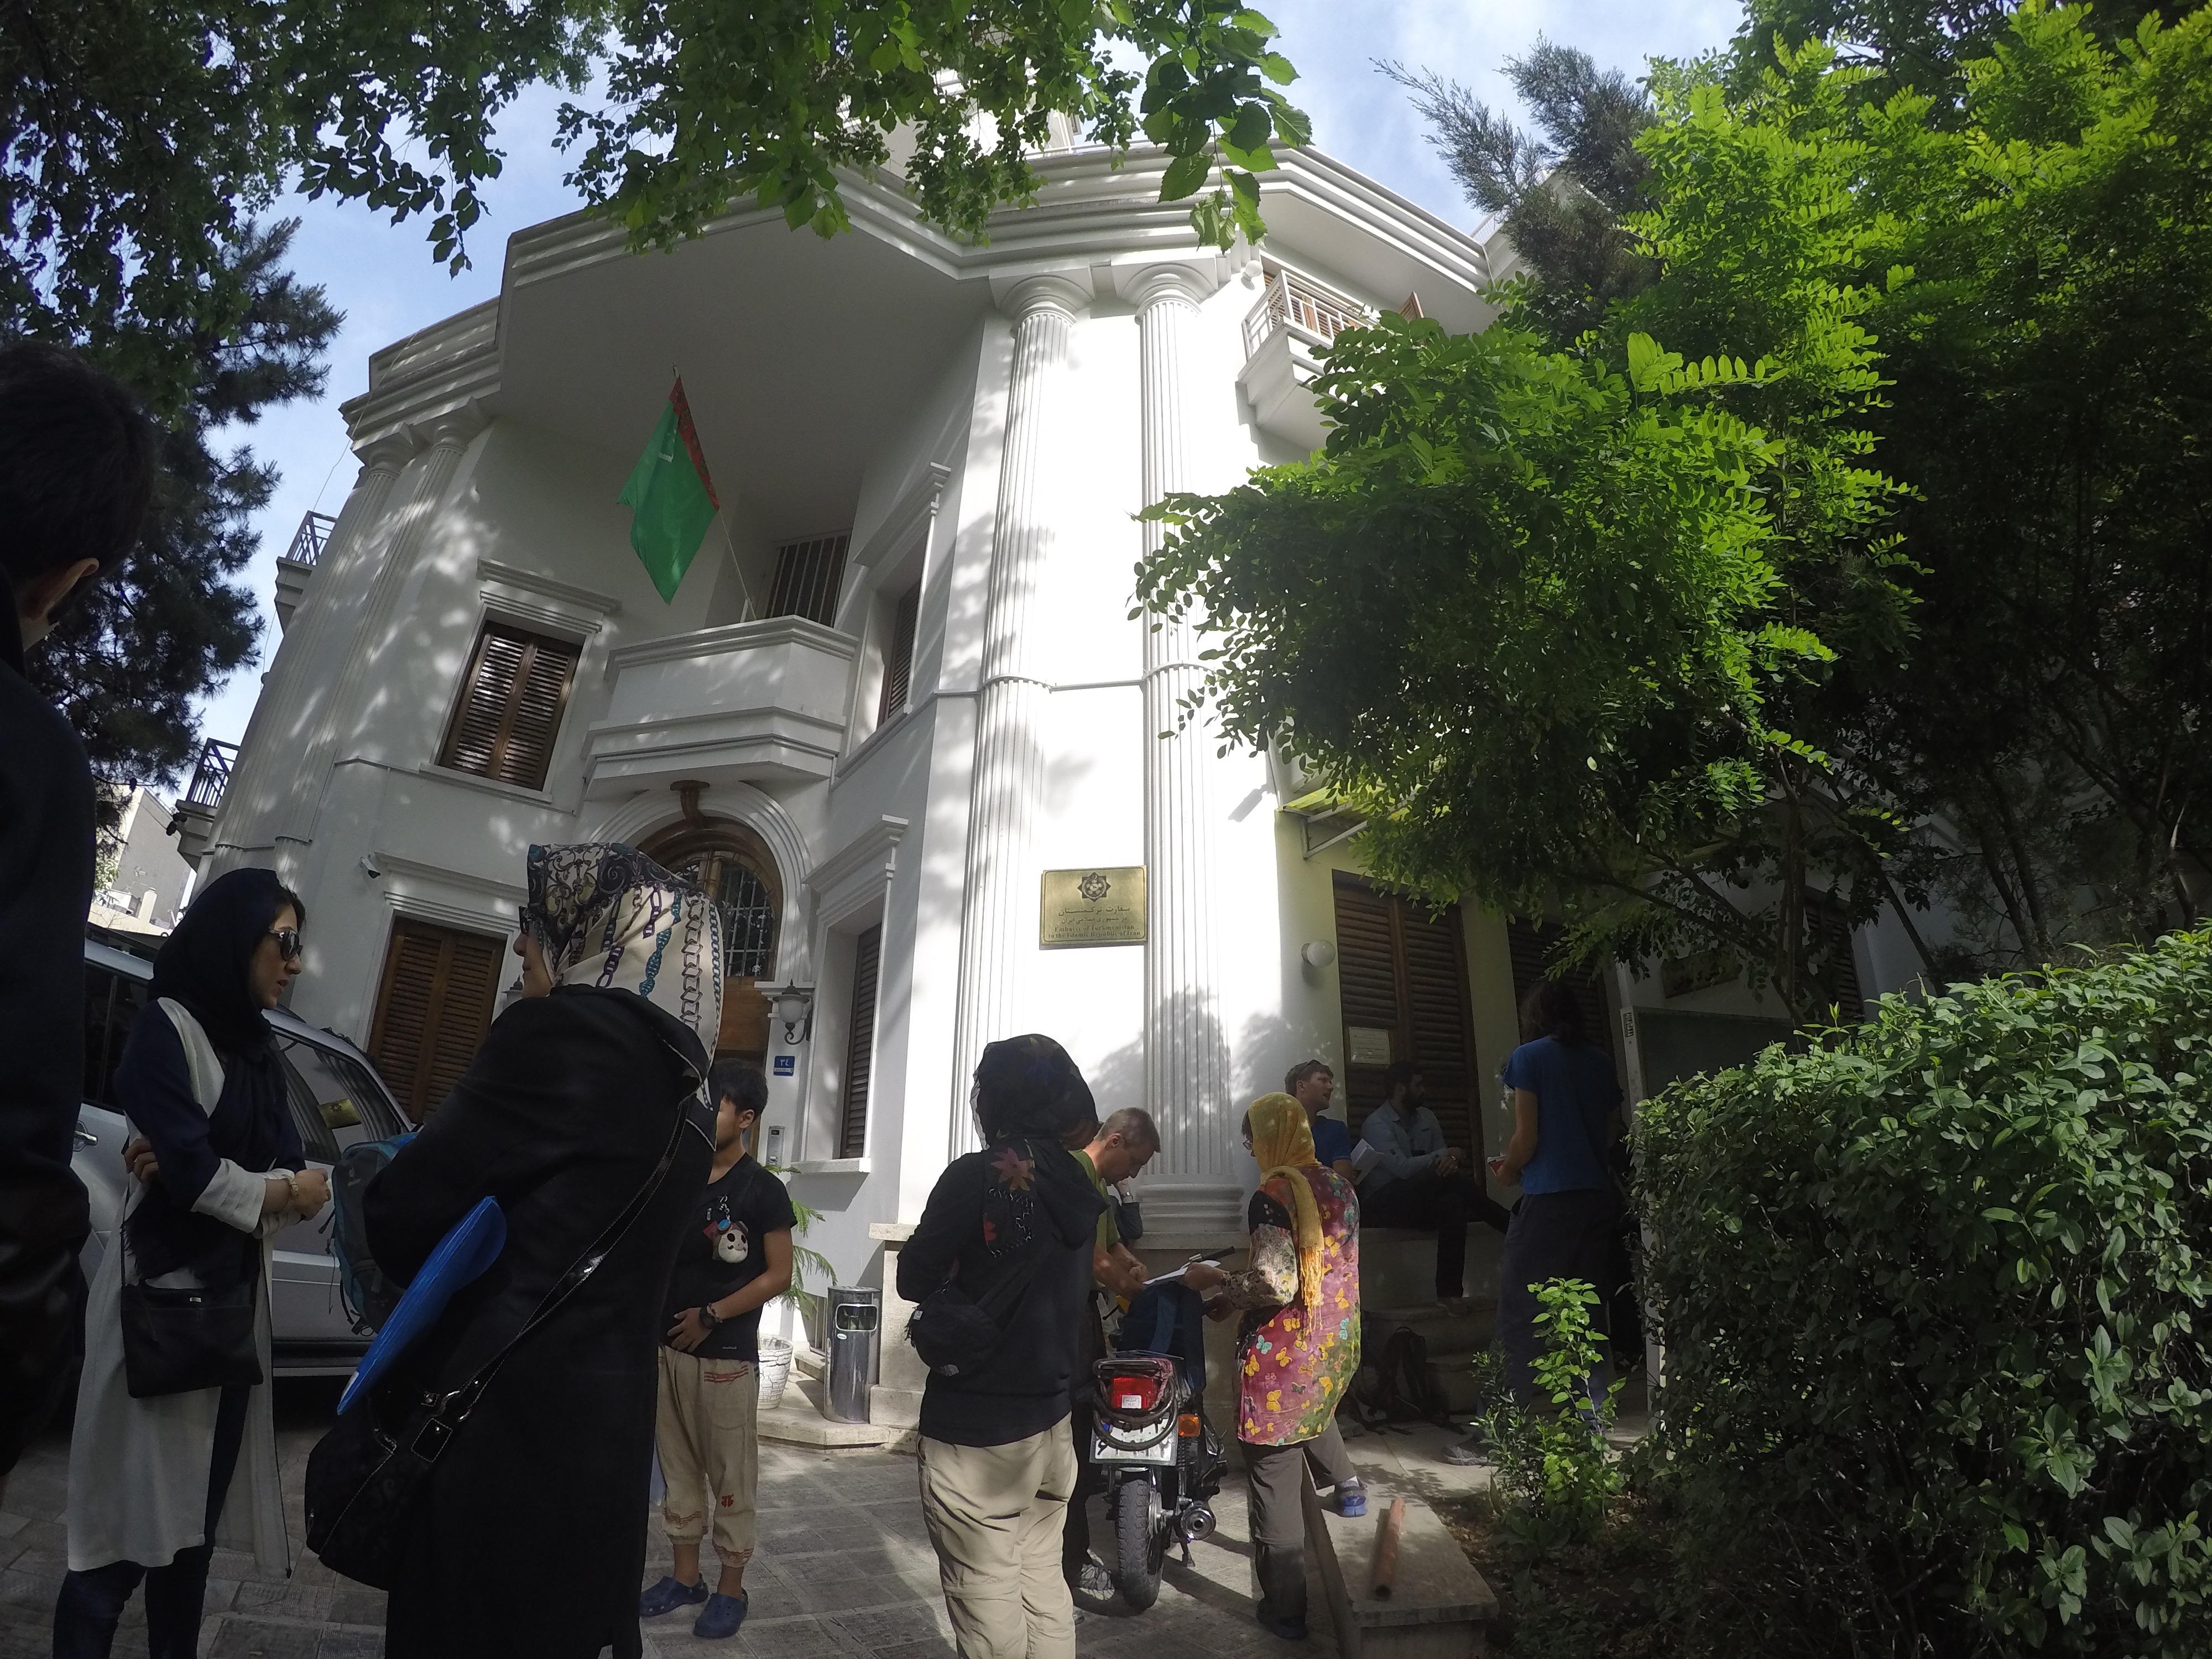 トルクメニスタン ビザ テヘラン マシュハド 世界一周 旅 ブログ 夫婦 申請 取得